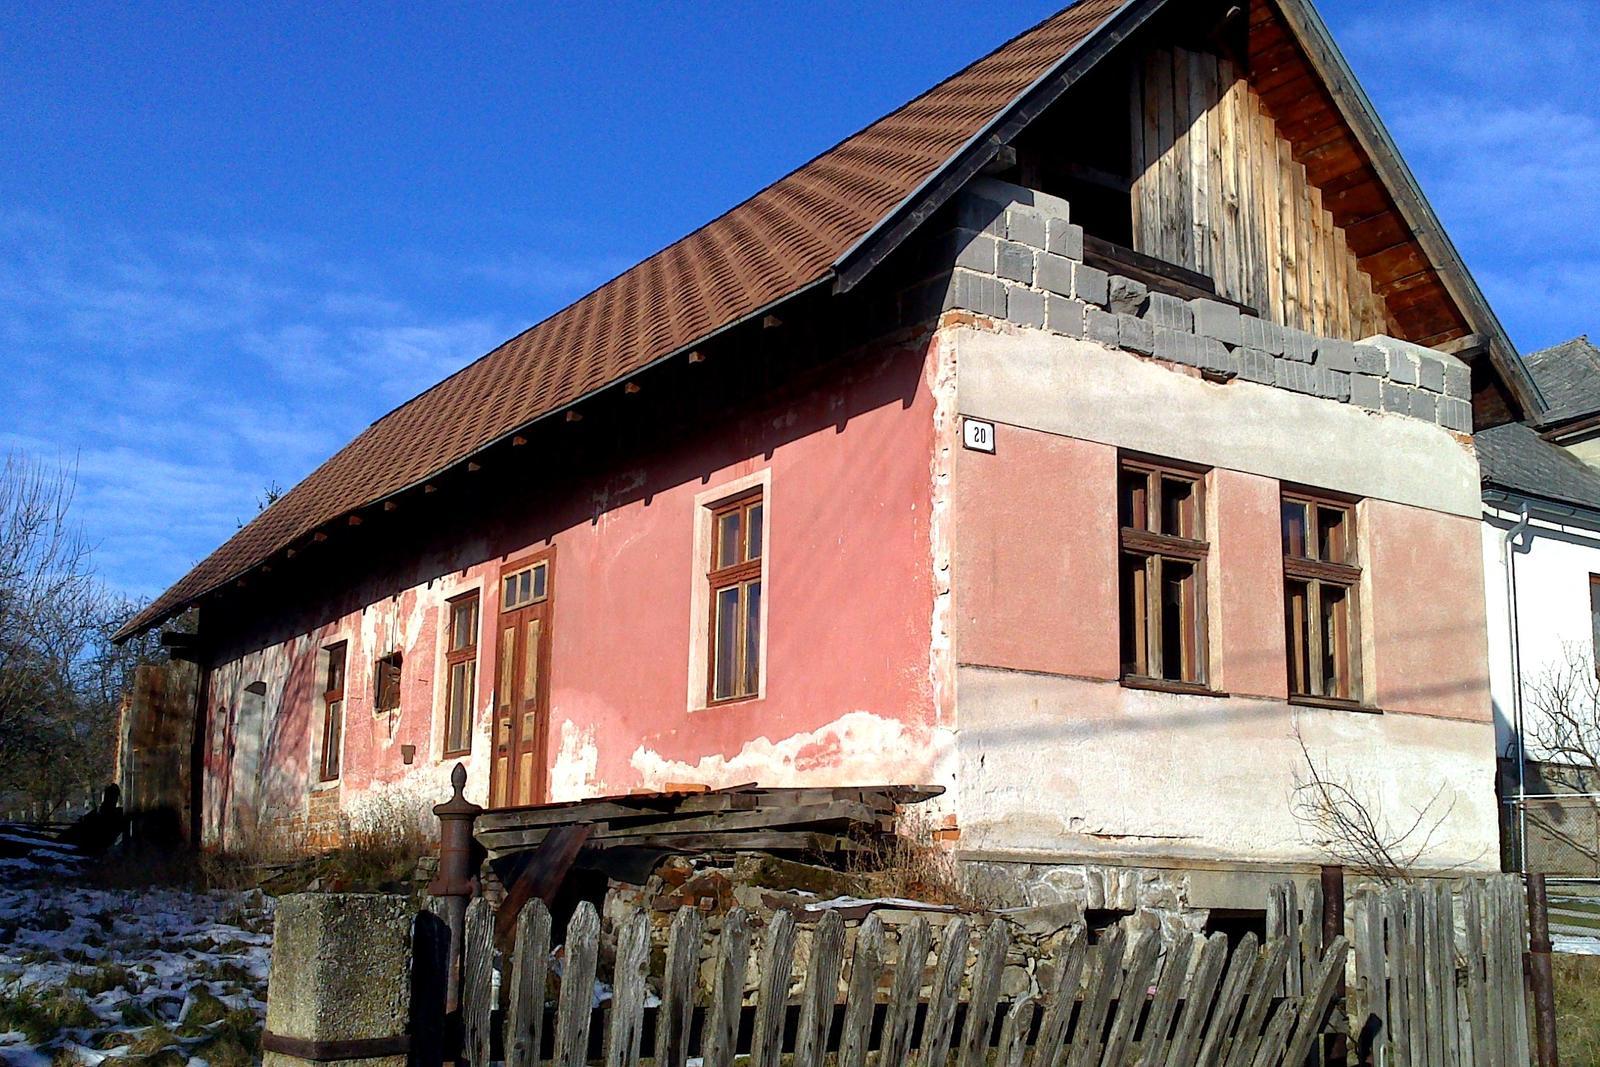 Rekonštrukcia domčeka z roku 1937 - Niekedy okolo roku 2005 bol na dome vymenený pôvodný - zborený - krov. Položená bola aj nová strešná krytina. Z kvality novej strechy a z asfaltového šindľa sme nadšení neboli. Múry z pálenej tehly však boli zdravé a suché